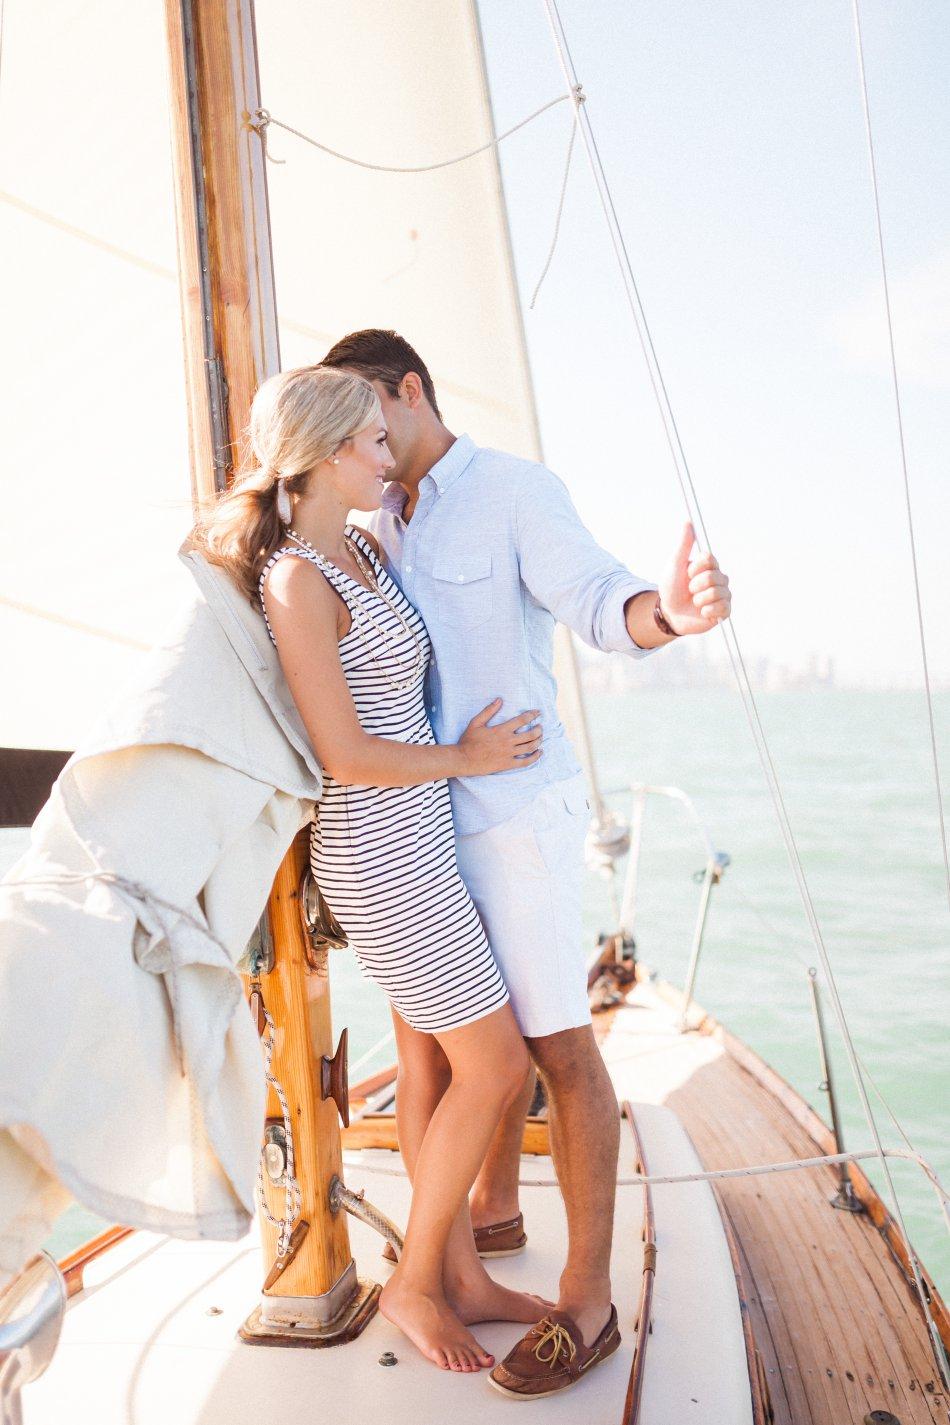 naples-luxury-sailing-engagement-photography-nautical-sailboat-engagement_1039.jpg